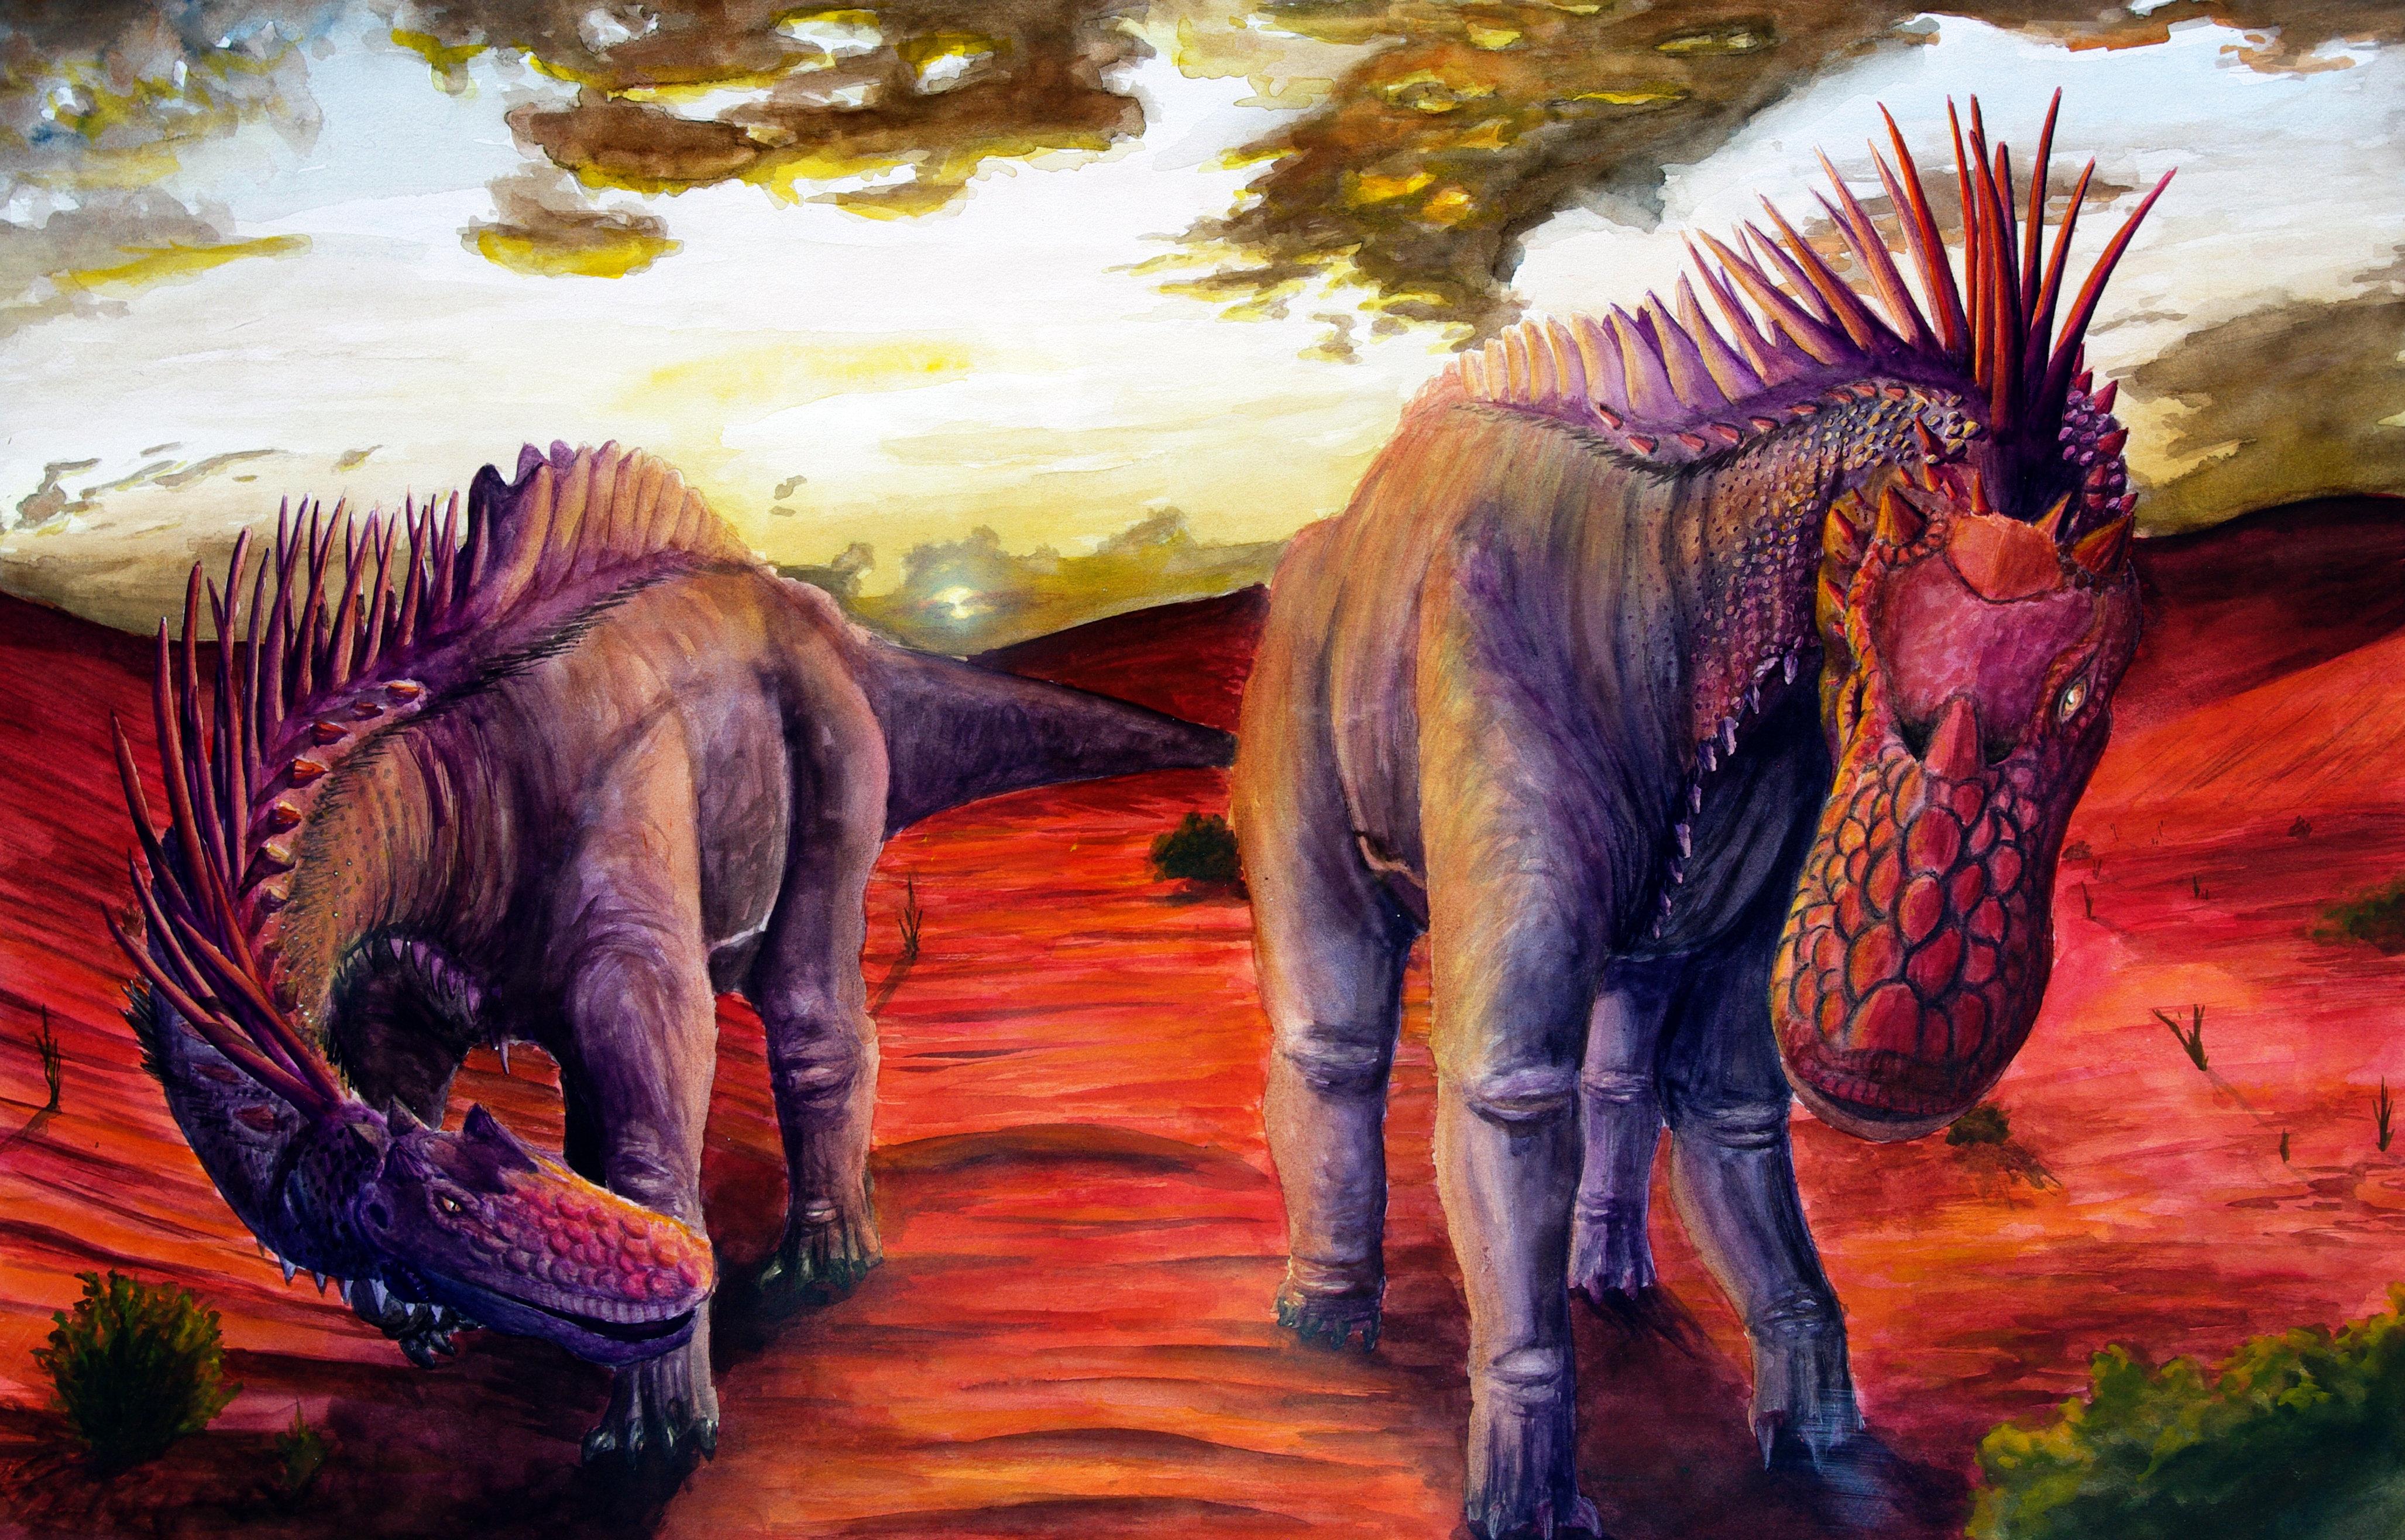 http://www.jamescskinner.com/wp-content/uploads/2013/06/rsz_amargasaurus1.jpg